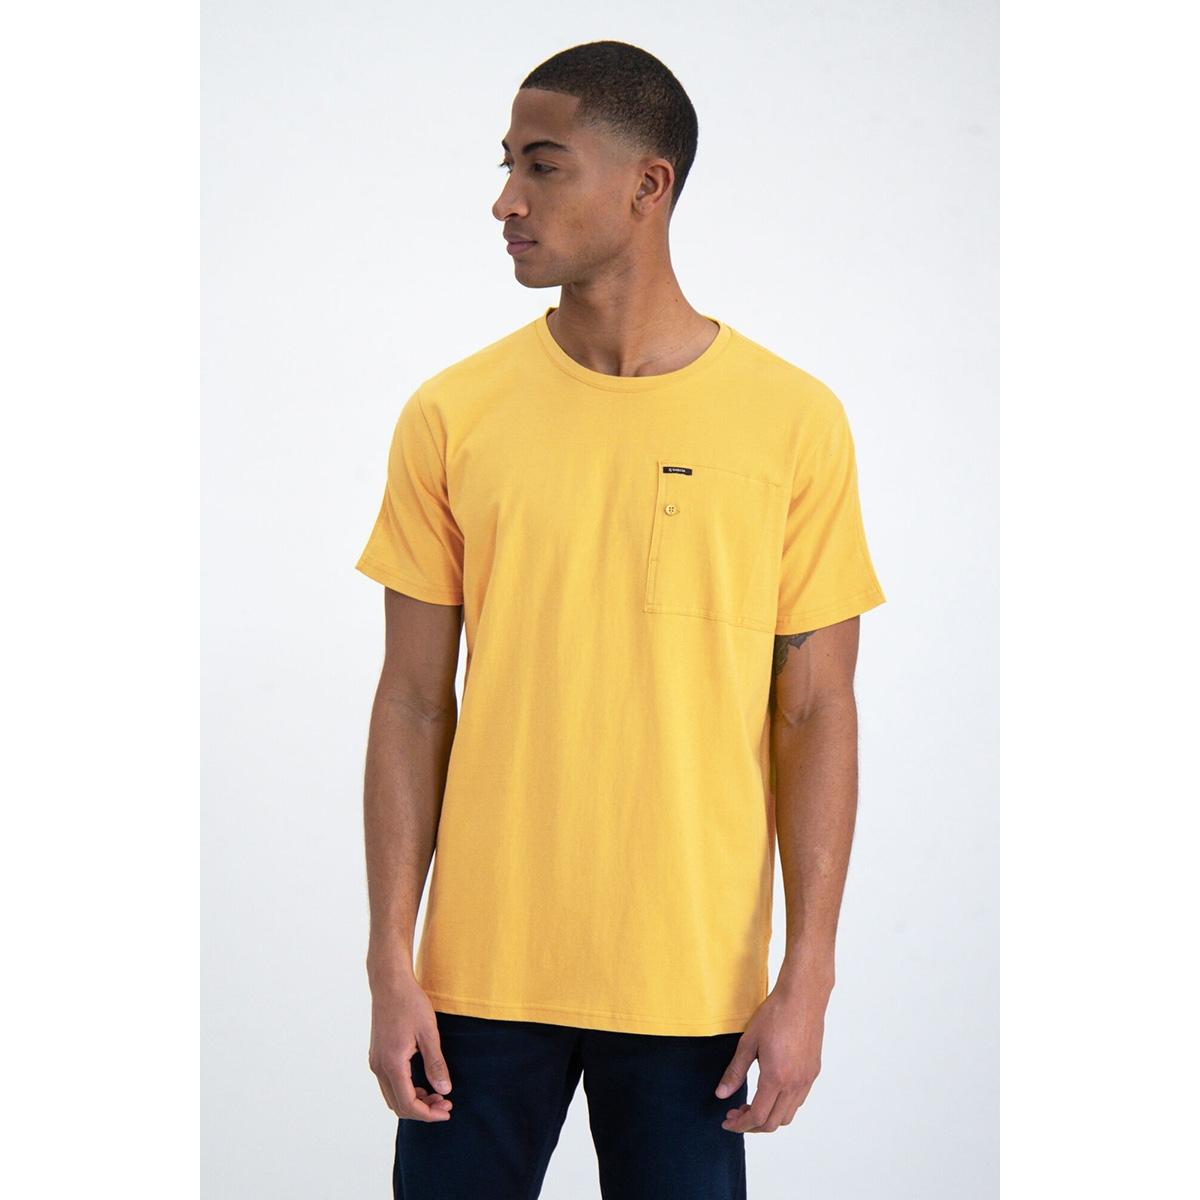 t shirt met borstzak o01003 garcia t-shirt 3073 yellow rock